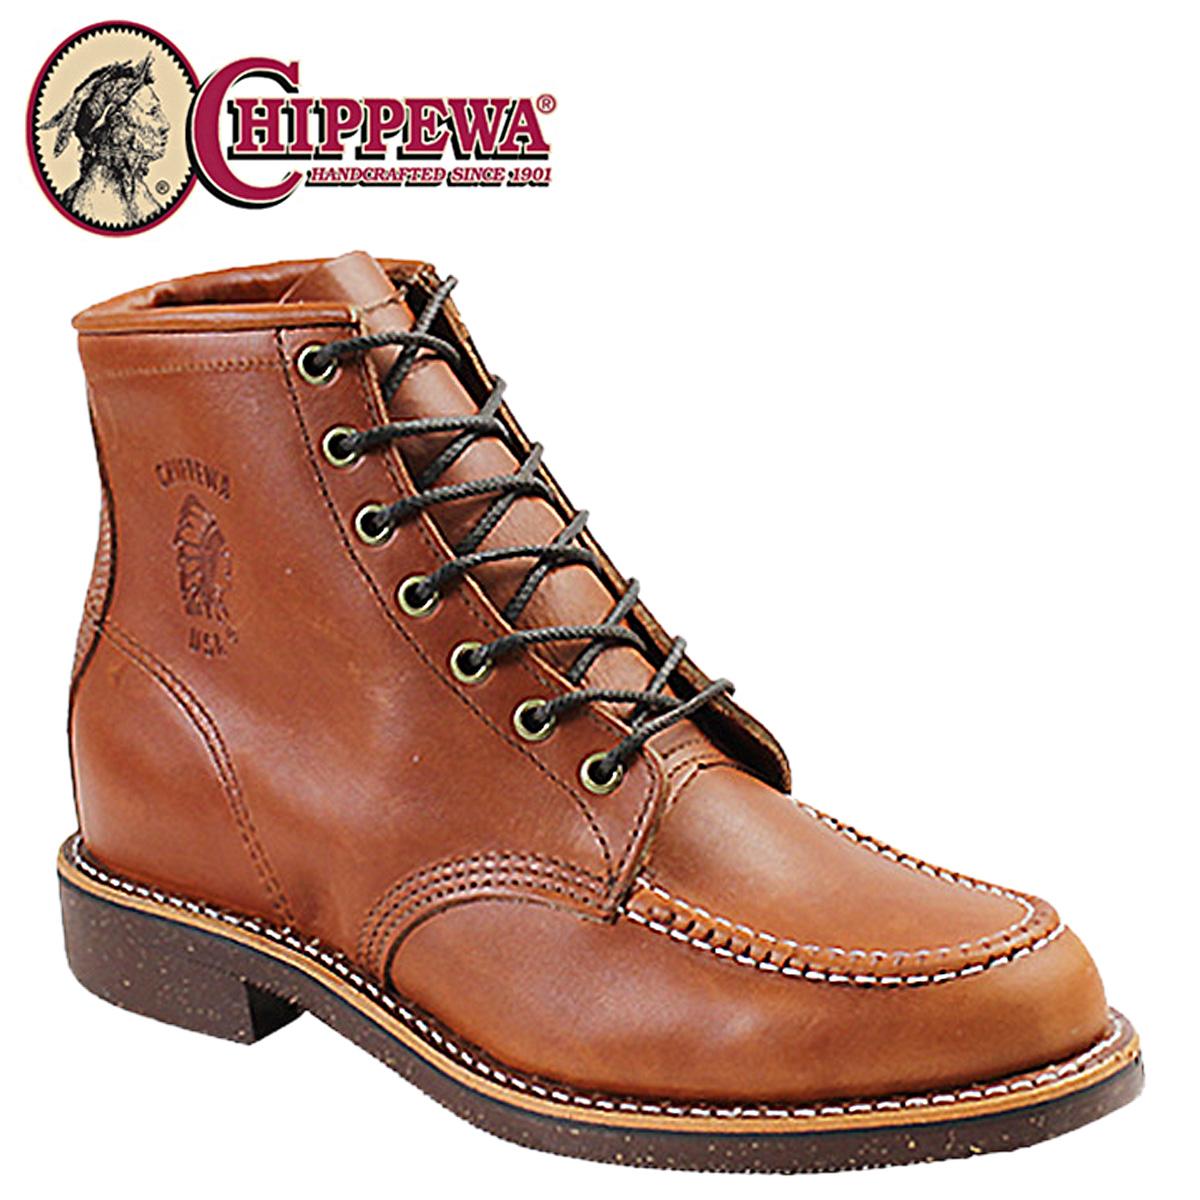 [SOLD OUT]chipewa CHIPPEWA 6 inchimokkutubutsuororasetto 99822 6INCH MOC TOE BOOT D怀斯皮革人